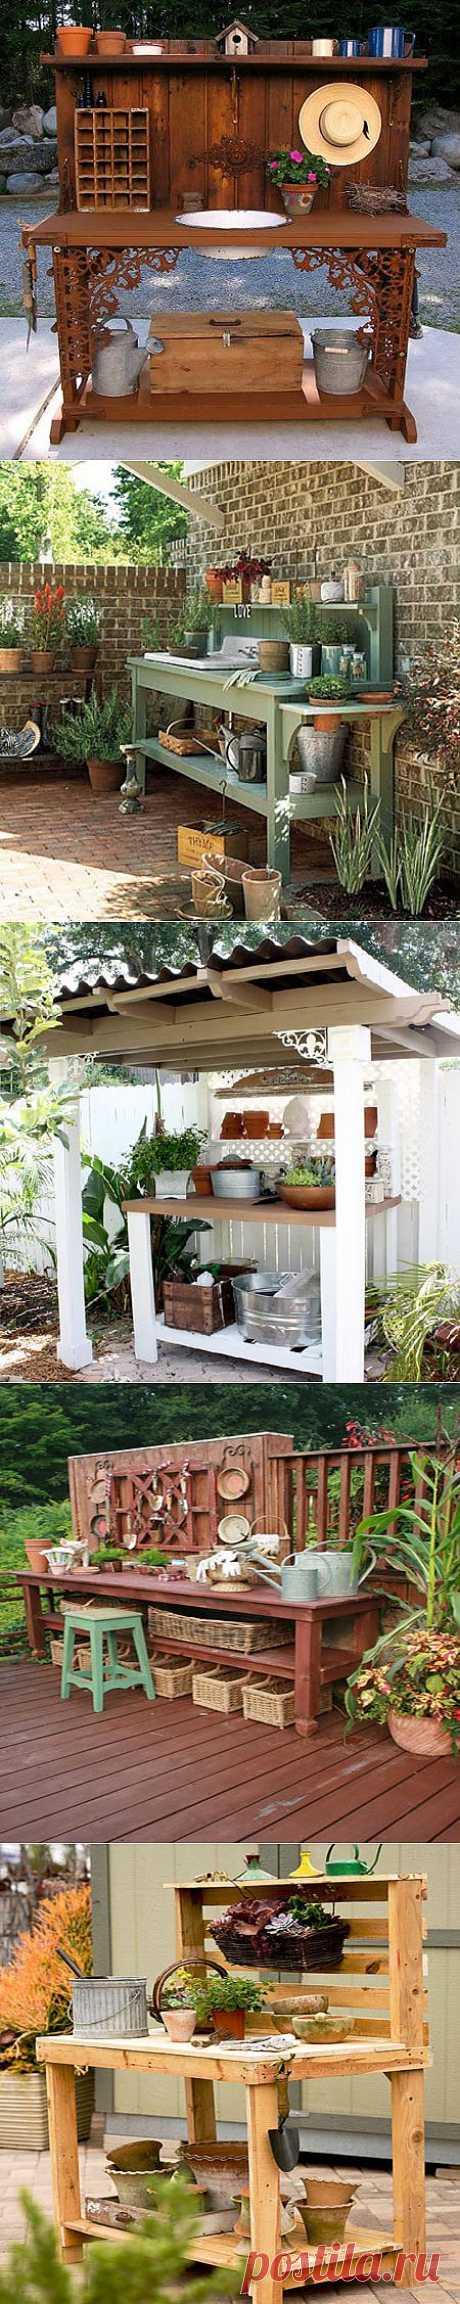 Садовая мебель: 10 практичных идей для работы в саду